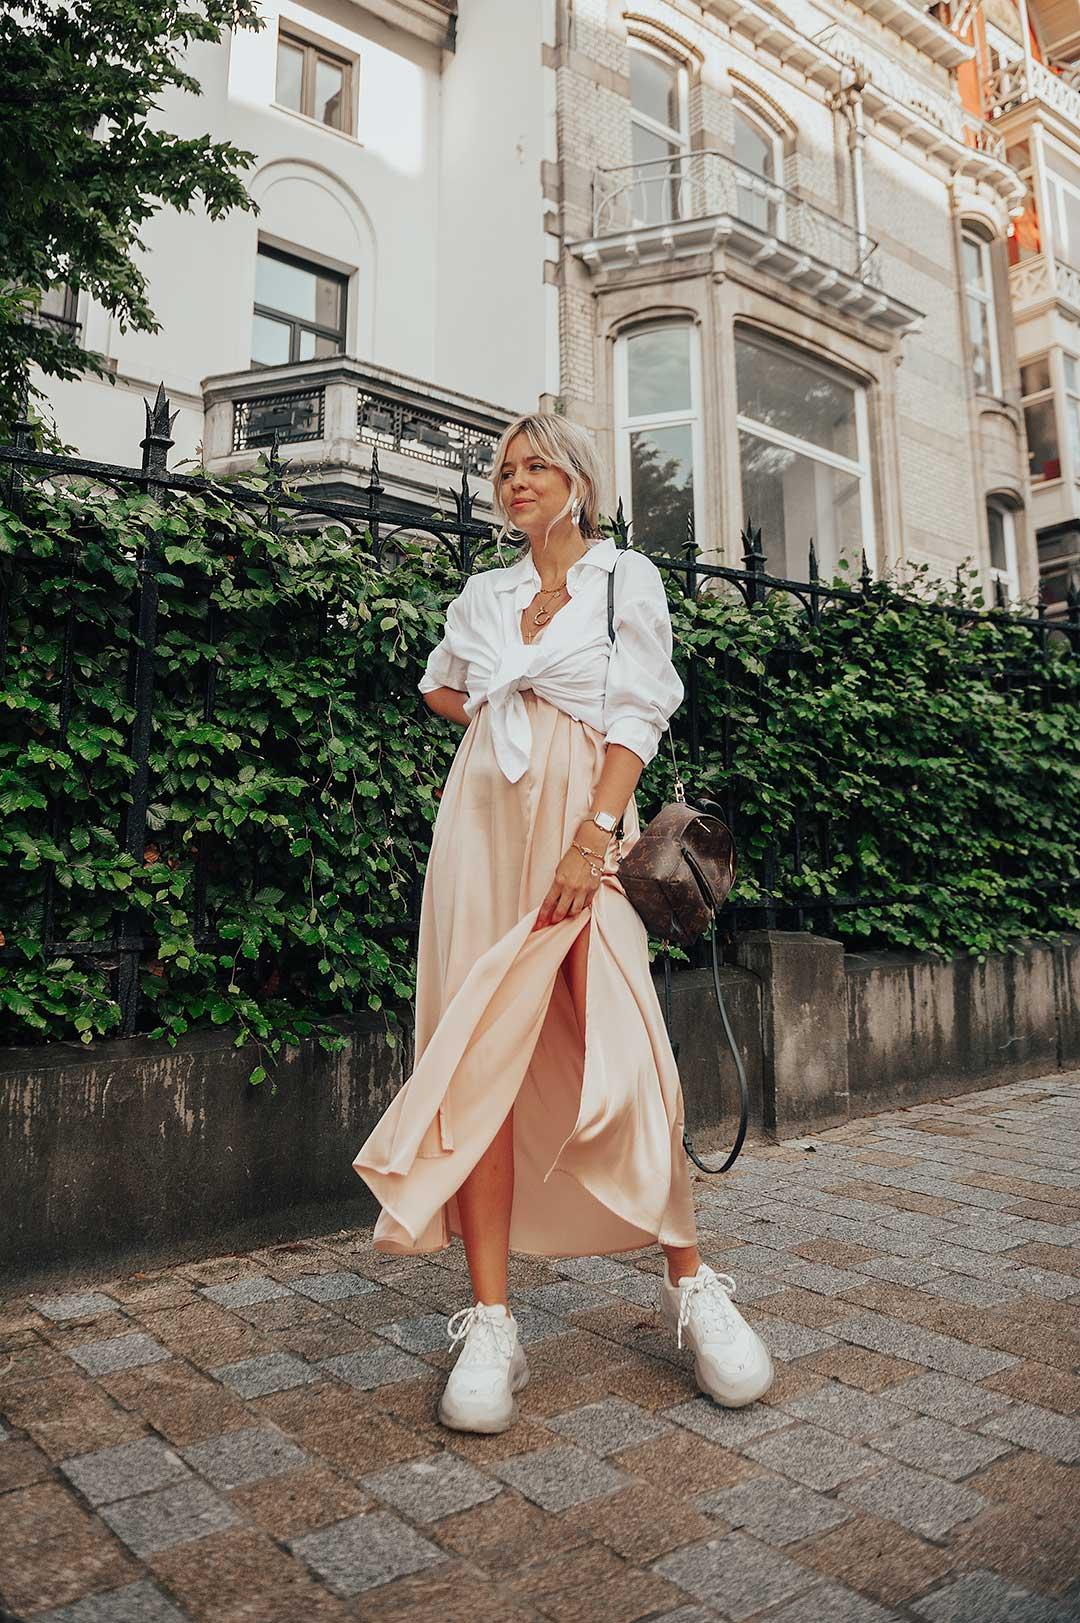 Comment porter la robe nuisette? Trois looks, trois styles.